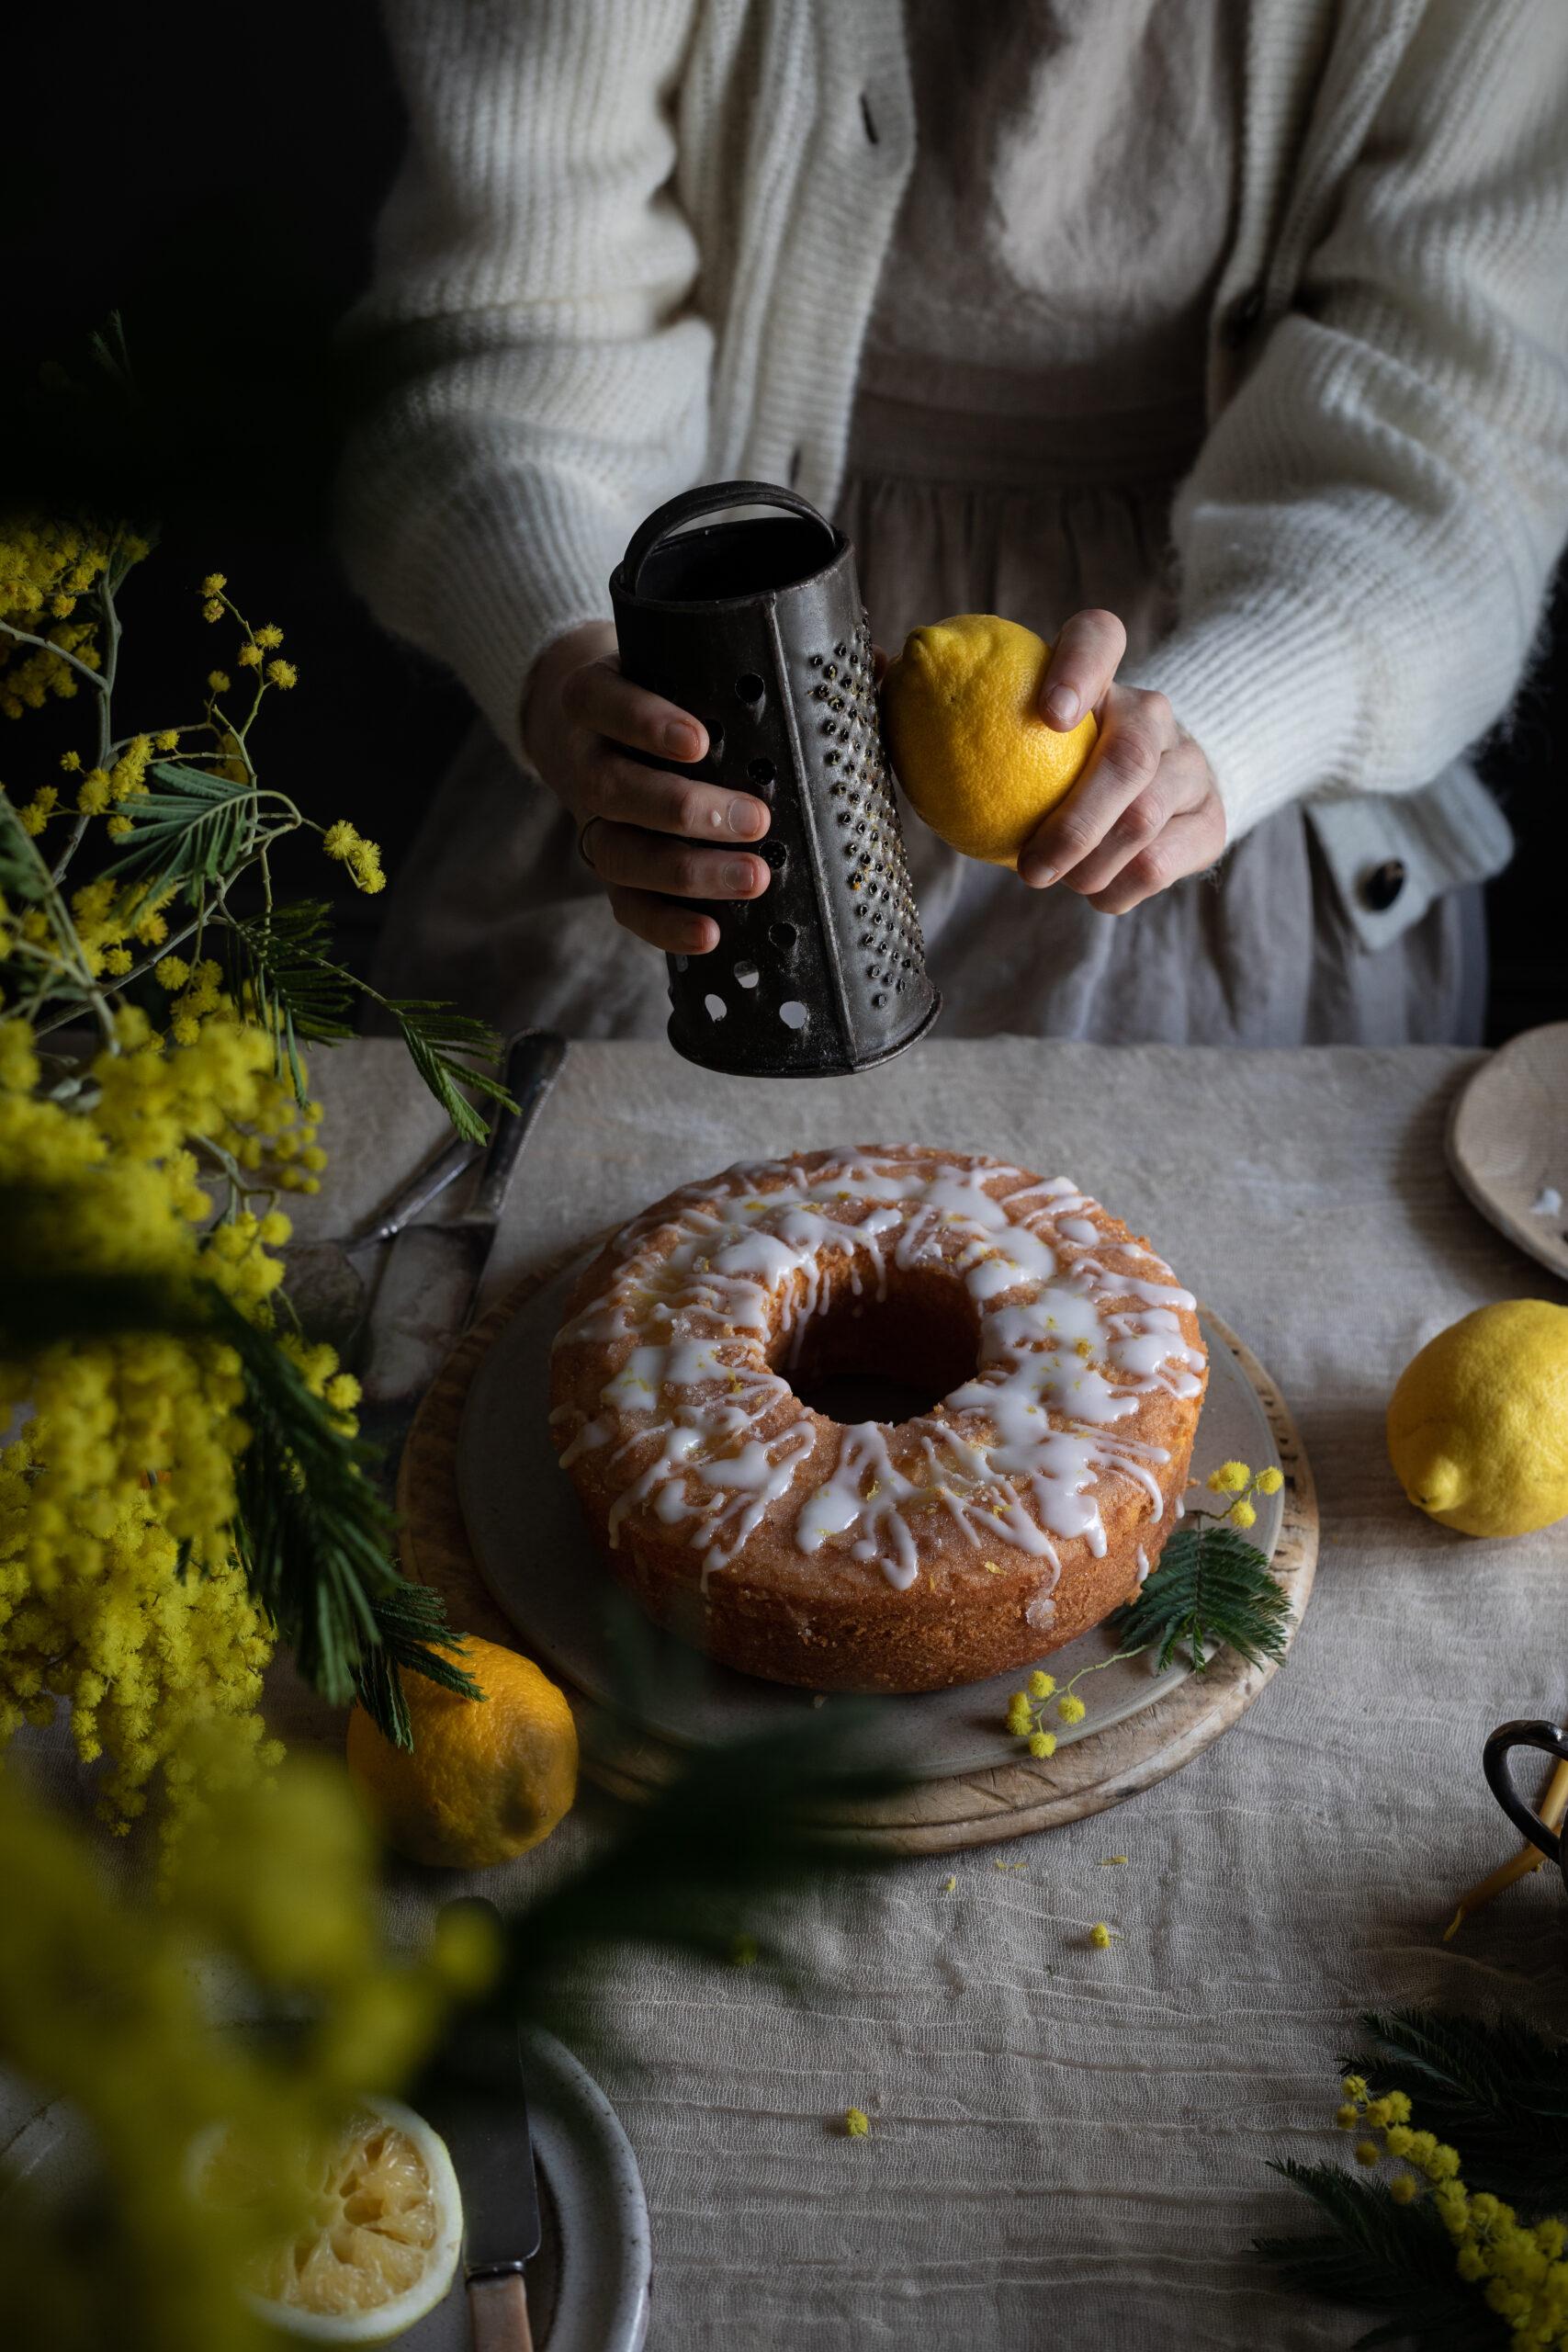 grating lemon on cake